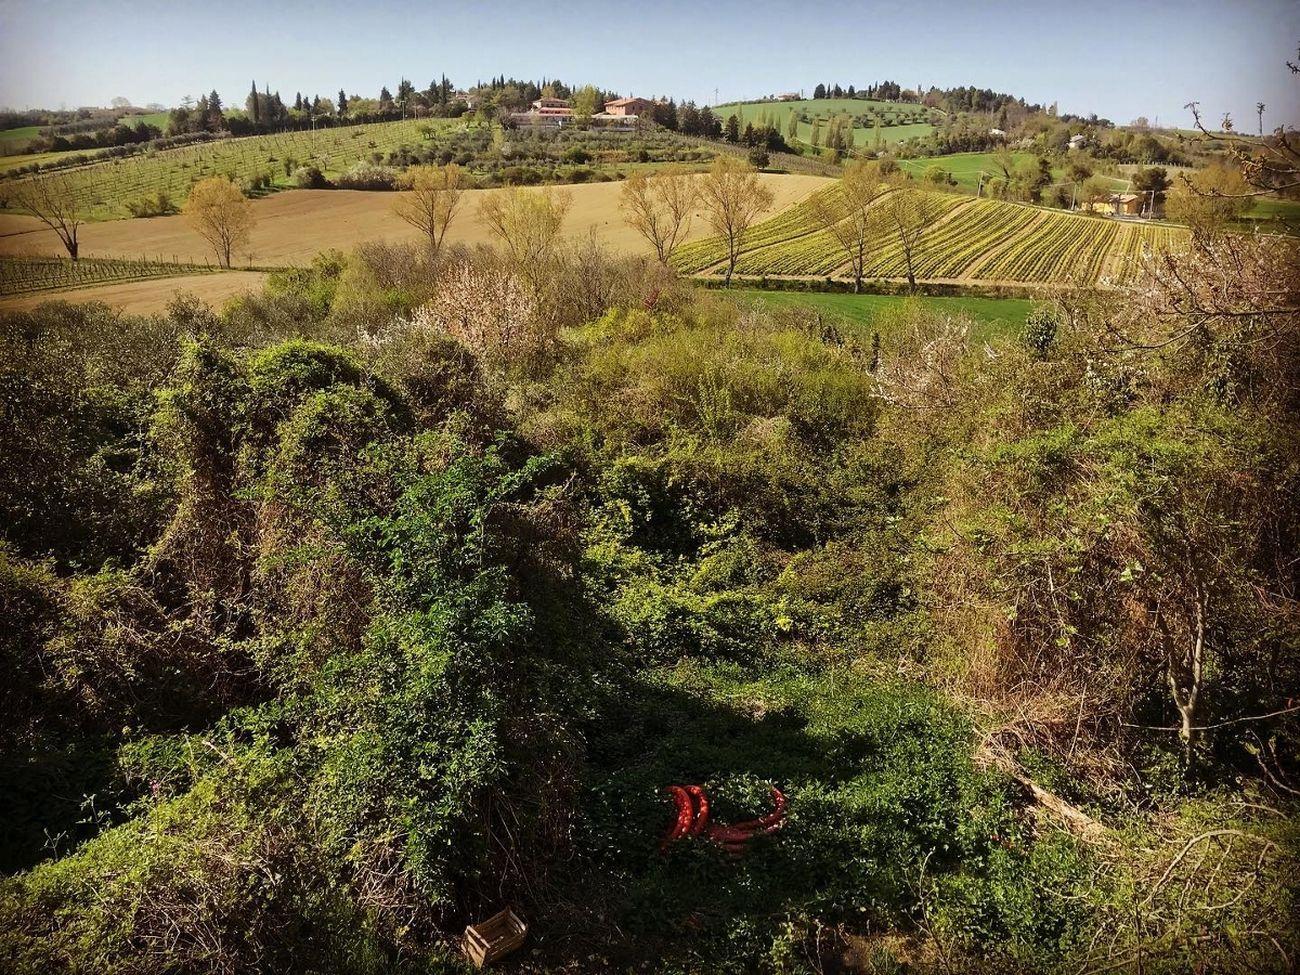 Giardini Pensili, sulle colline di Rimini, dove ha sede la regia temporanea di Usmaradio